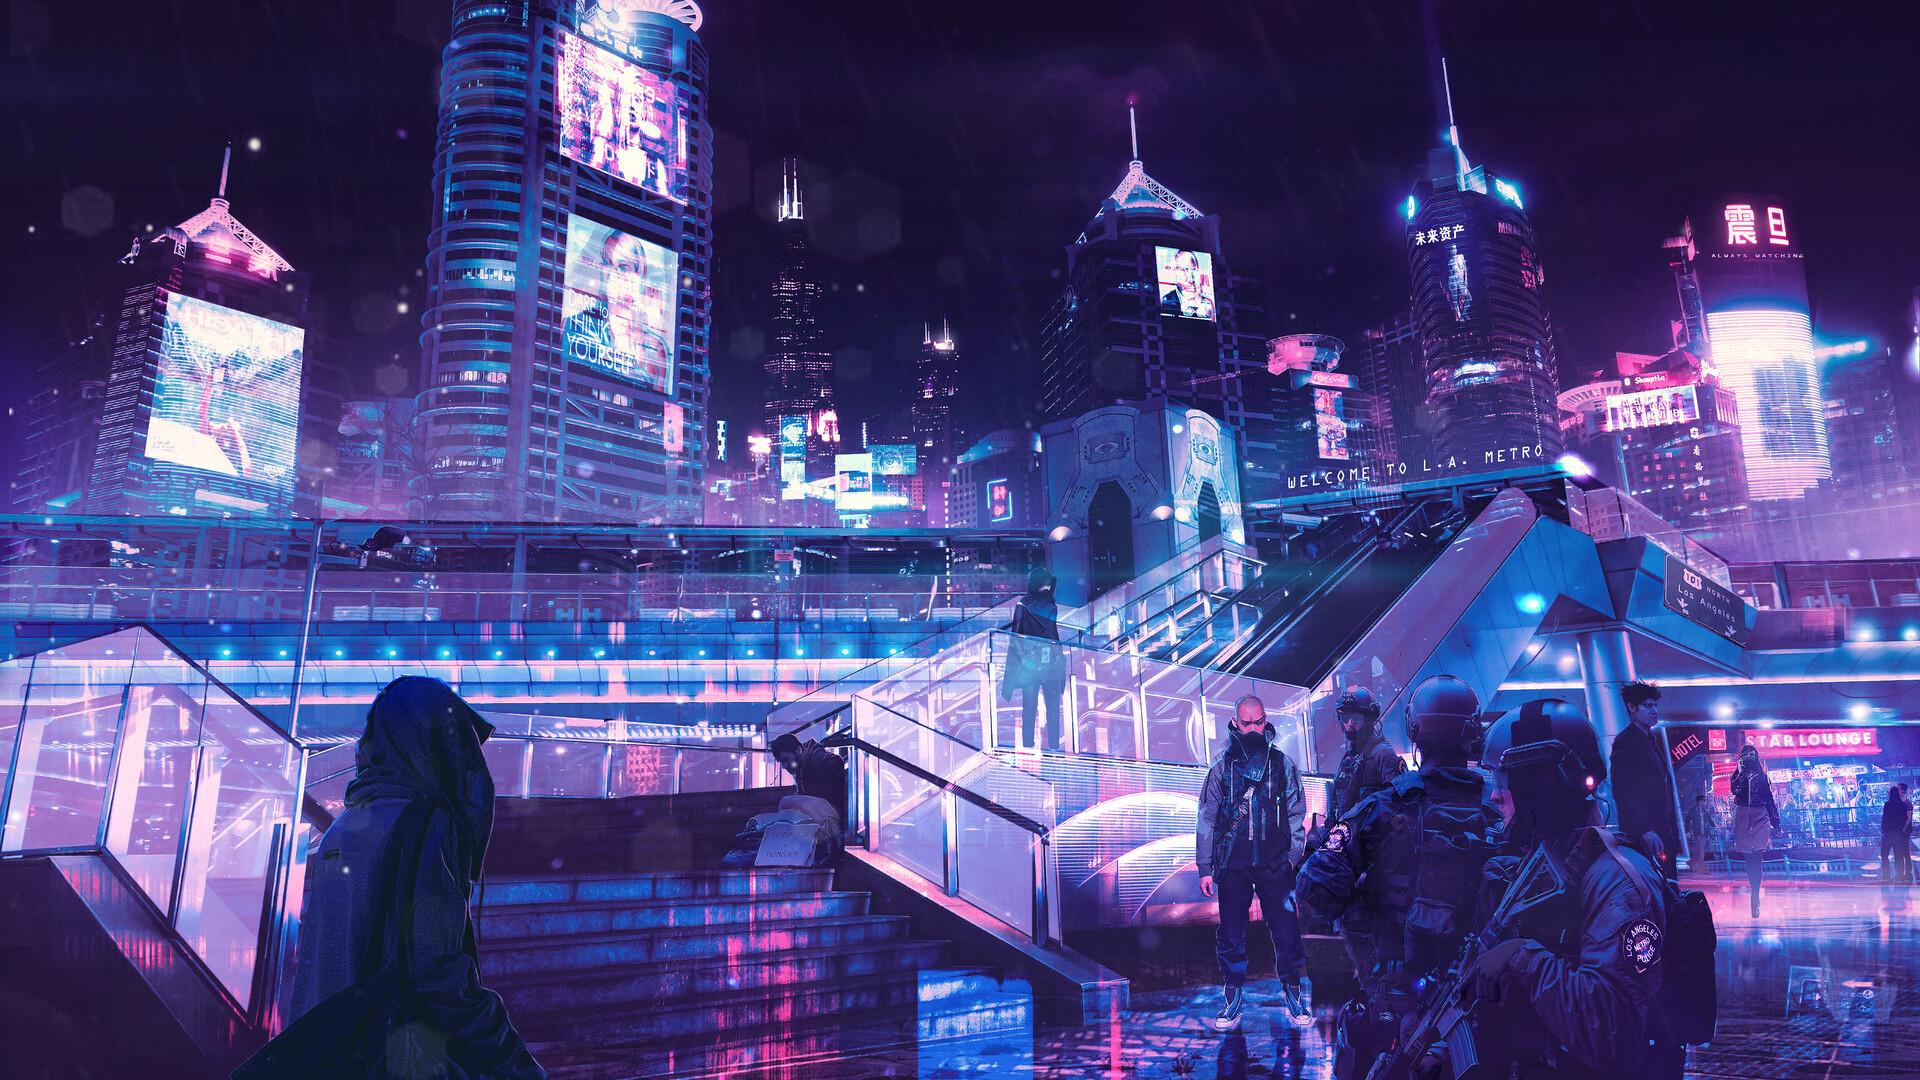 1920x1080 cyberpunk neon city laptop full hd 1080p hd 4k wallpapers